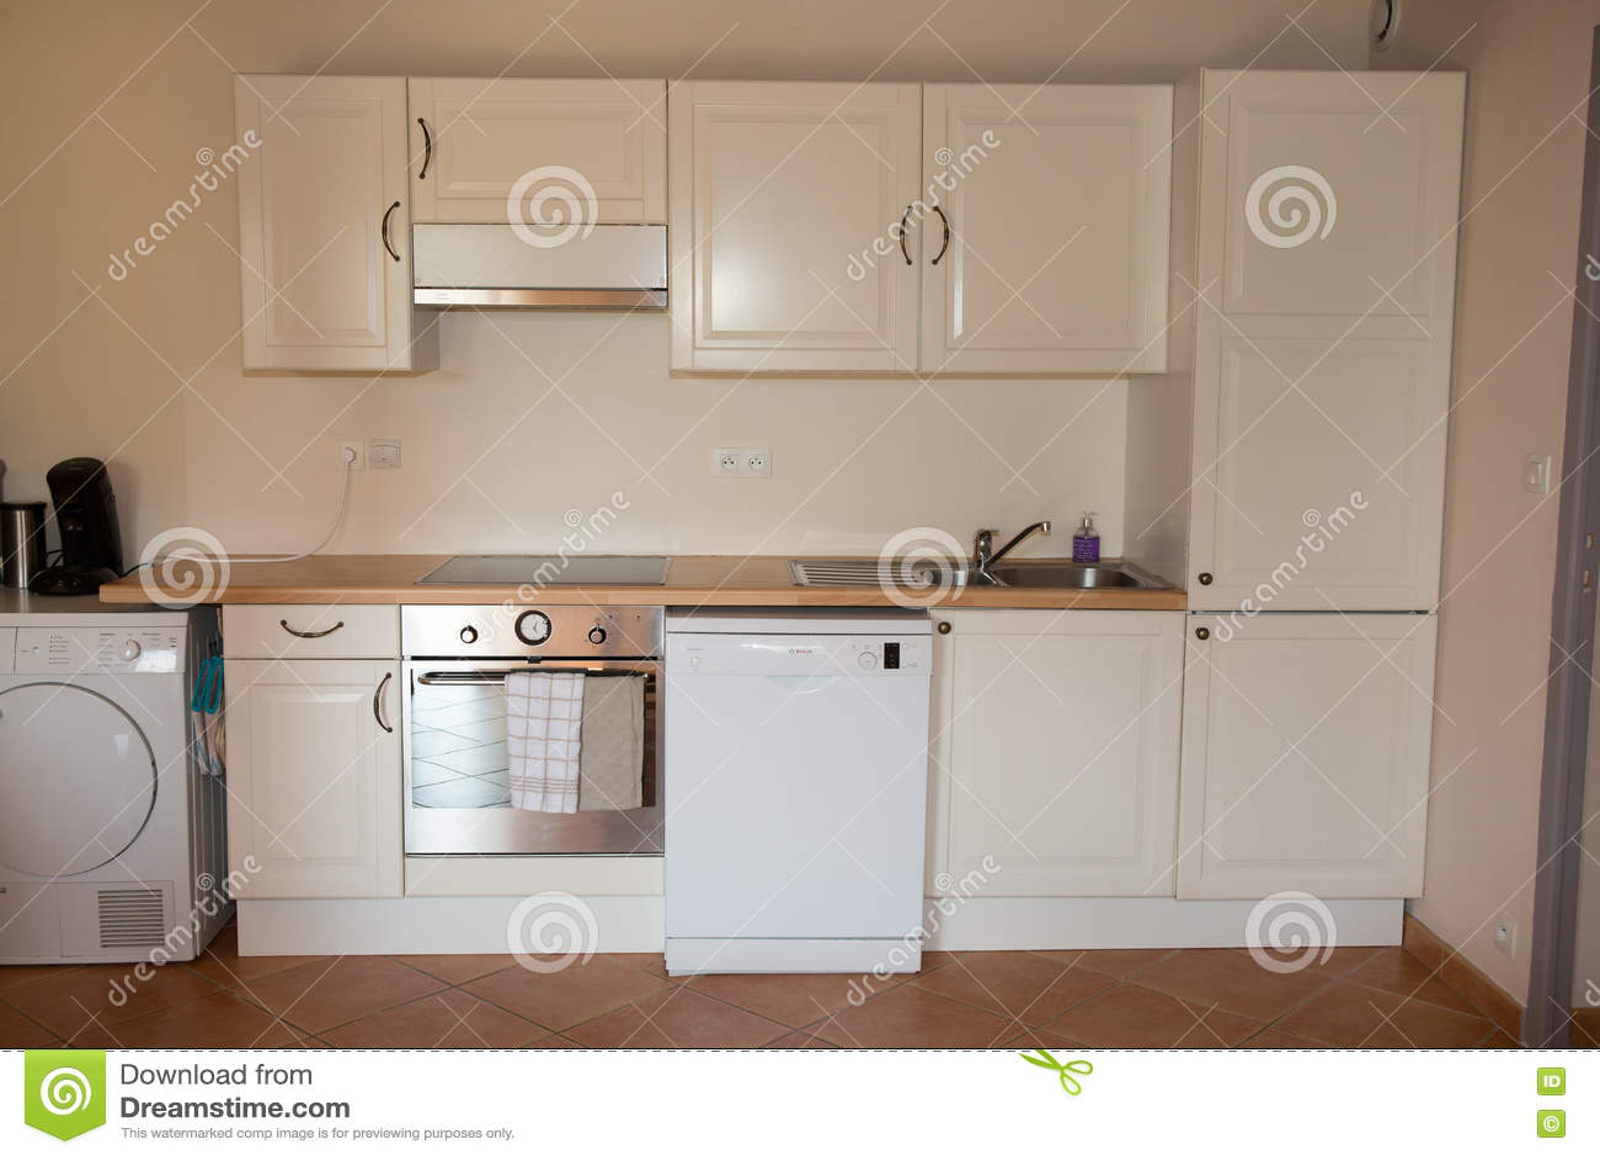 Κινηματογράφηση σε πρώτο πλάνο της άσπρης μονάδας κουζινών στο σύγχρονο εσωτερικό